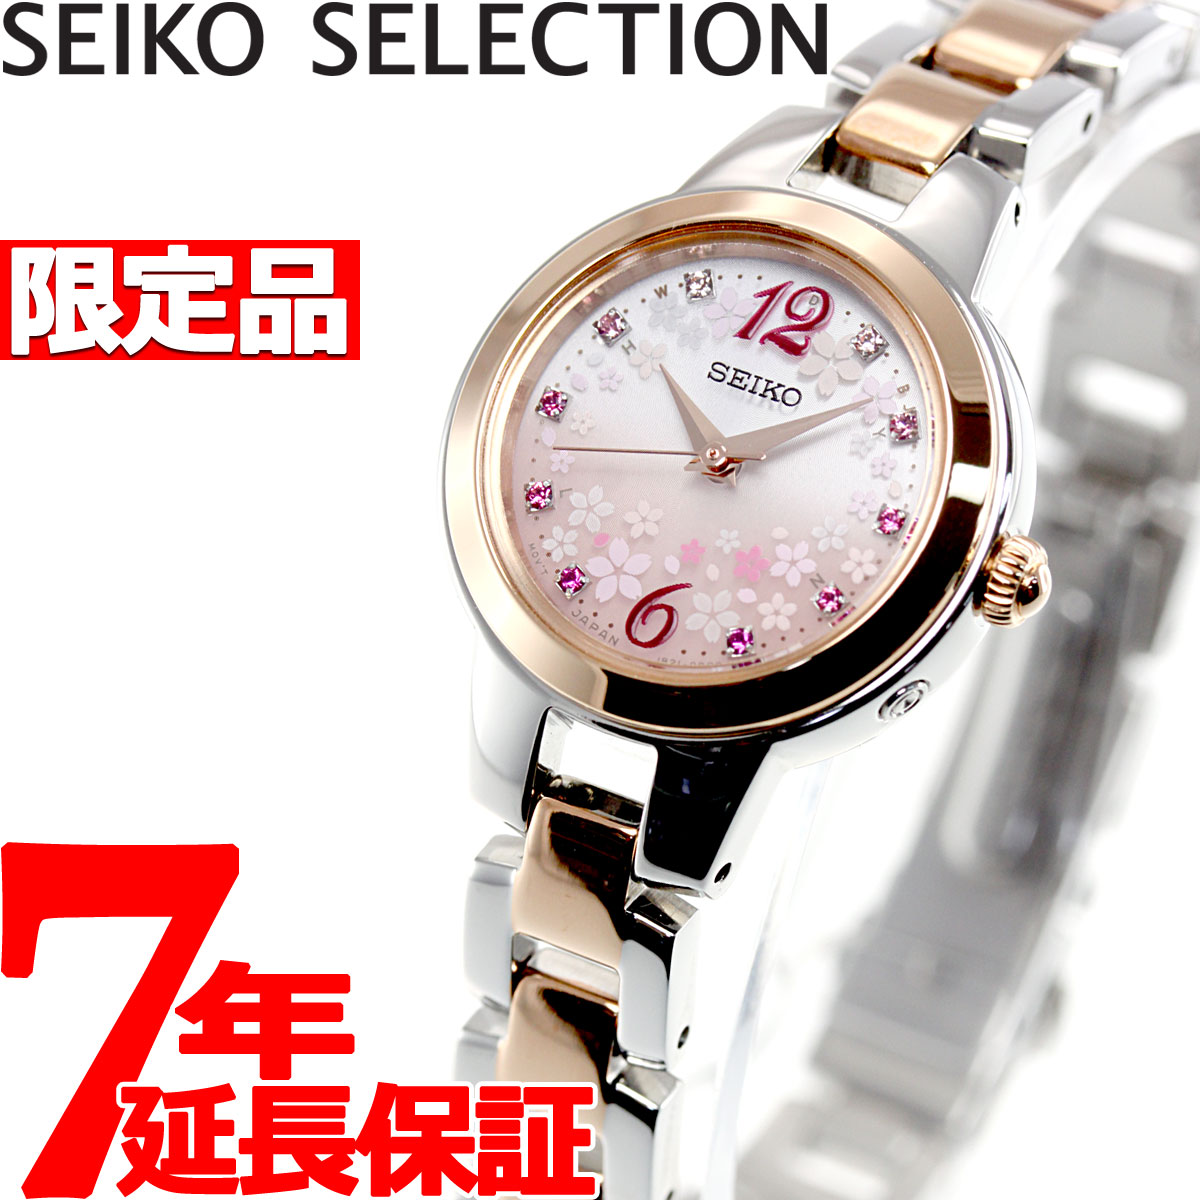 ニールならポイント最大35倍!30日23時59分まで!セイコー セレクション SEIKO SELECTION ソーラー 電波時計 2019 SAKURA Blooming 限定モデル 腕時計 レディース SWFH106【2019 新作】